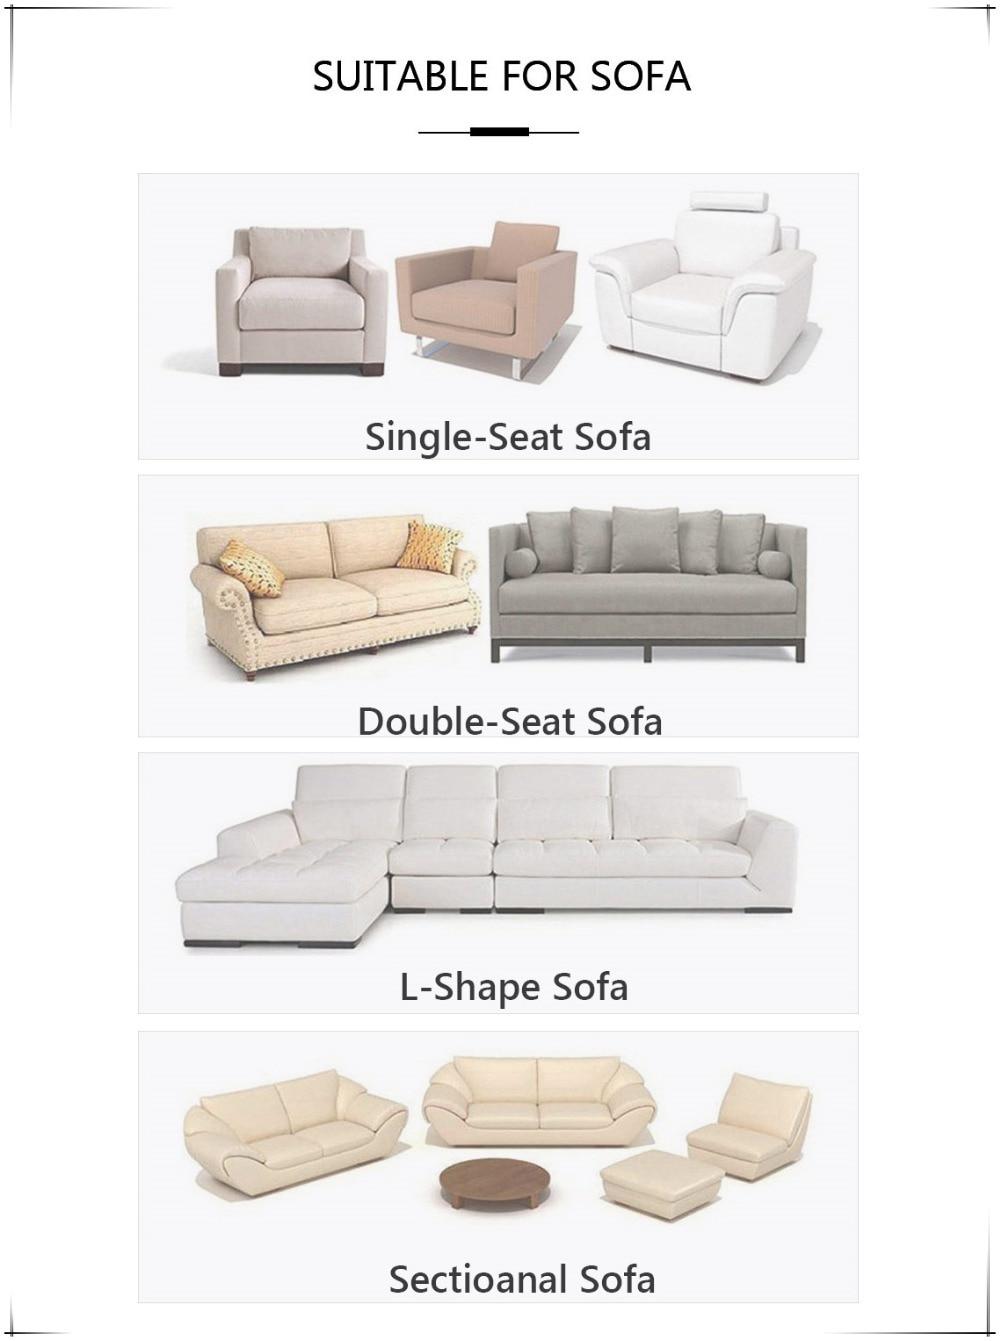 适合沙发种类_副本